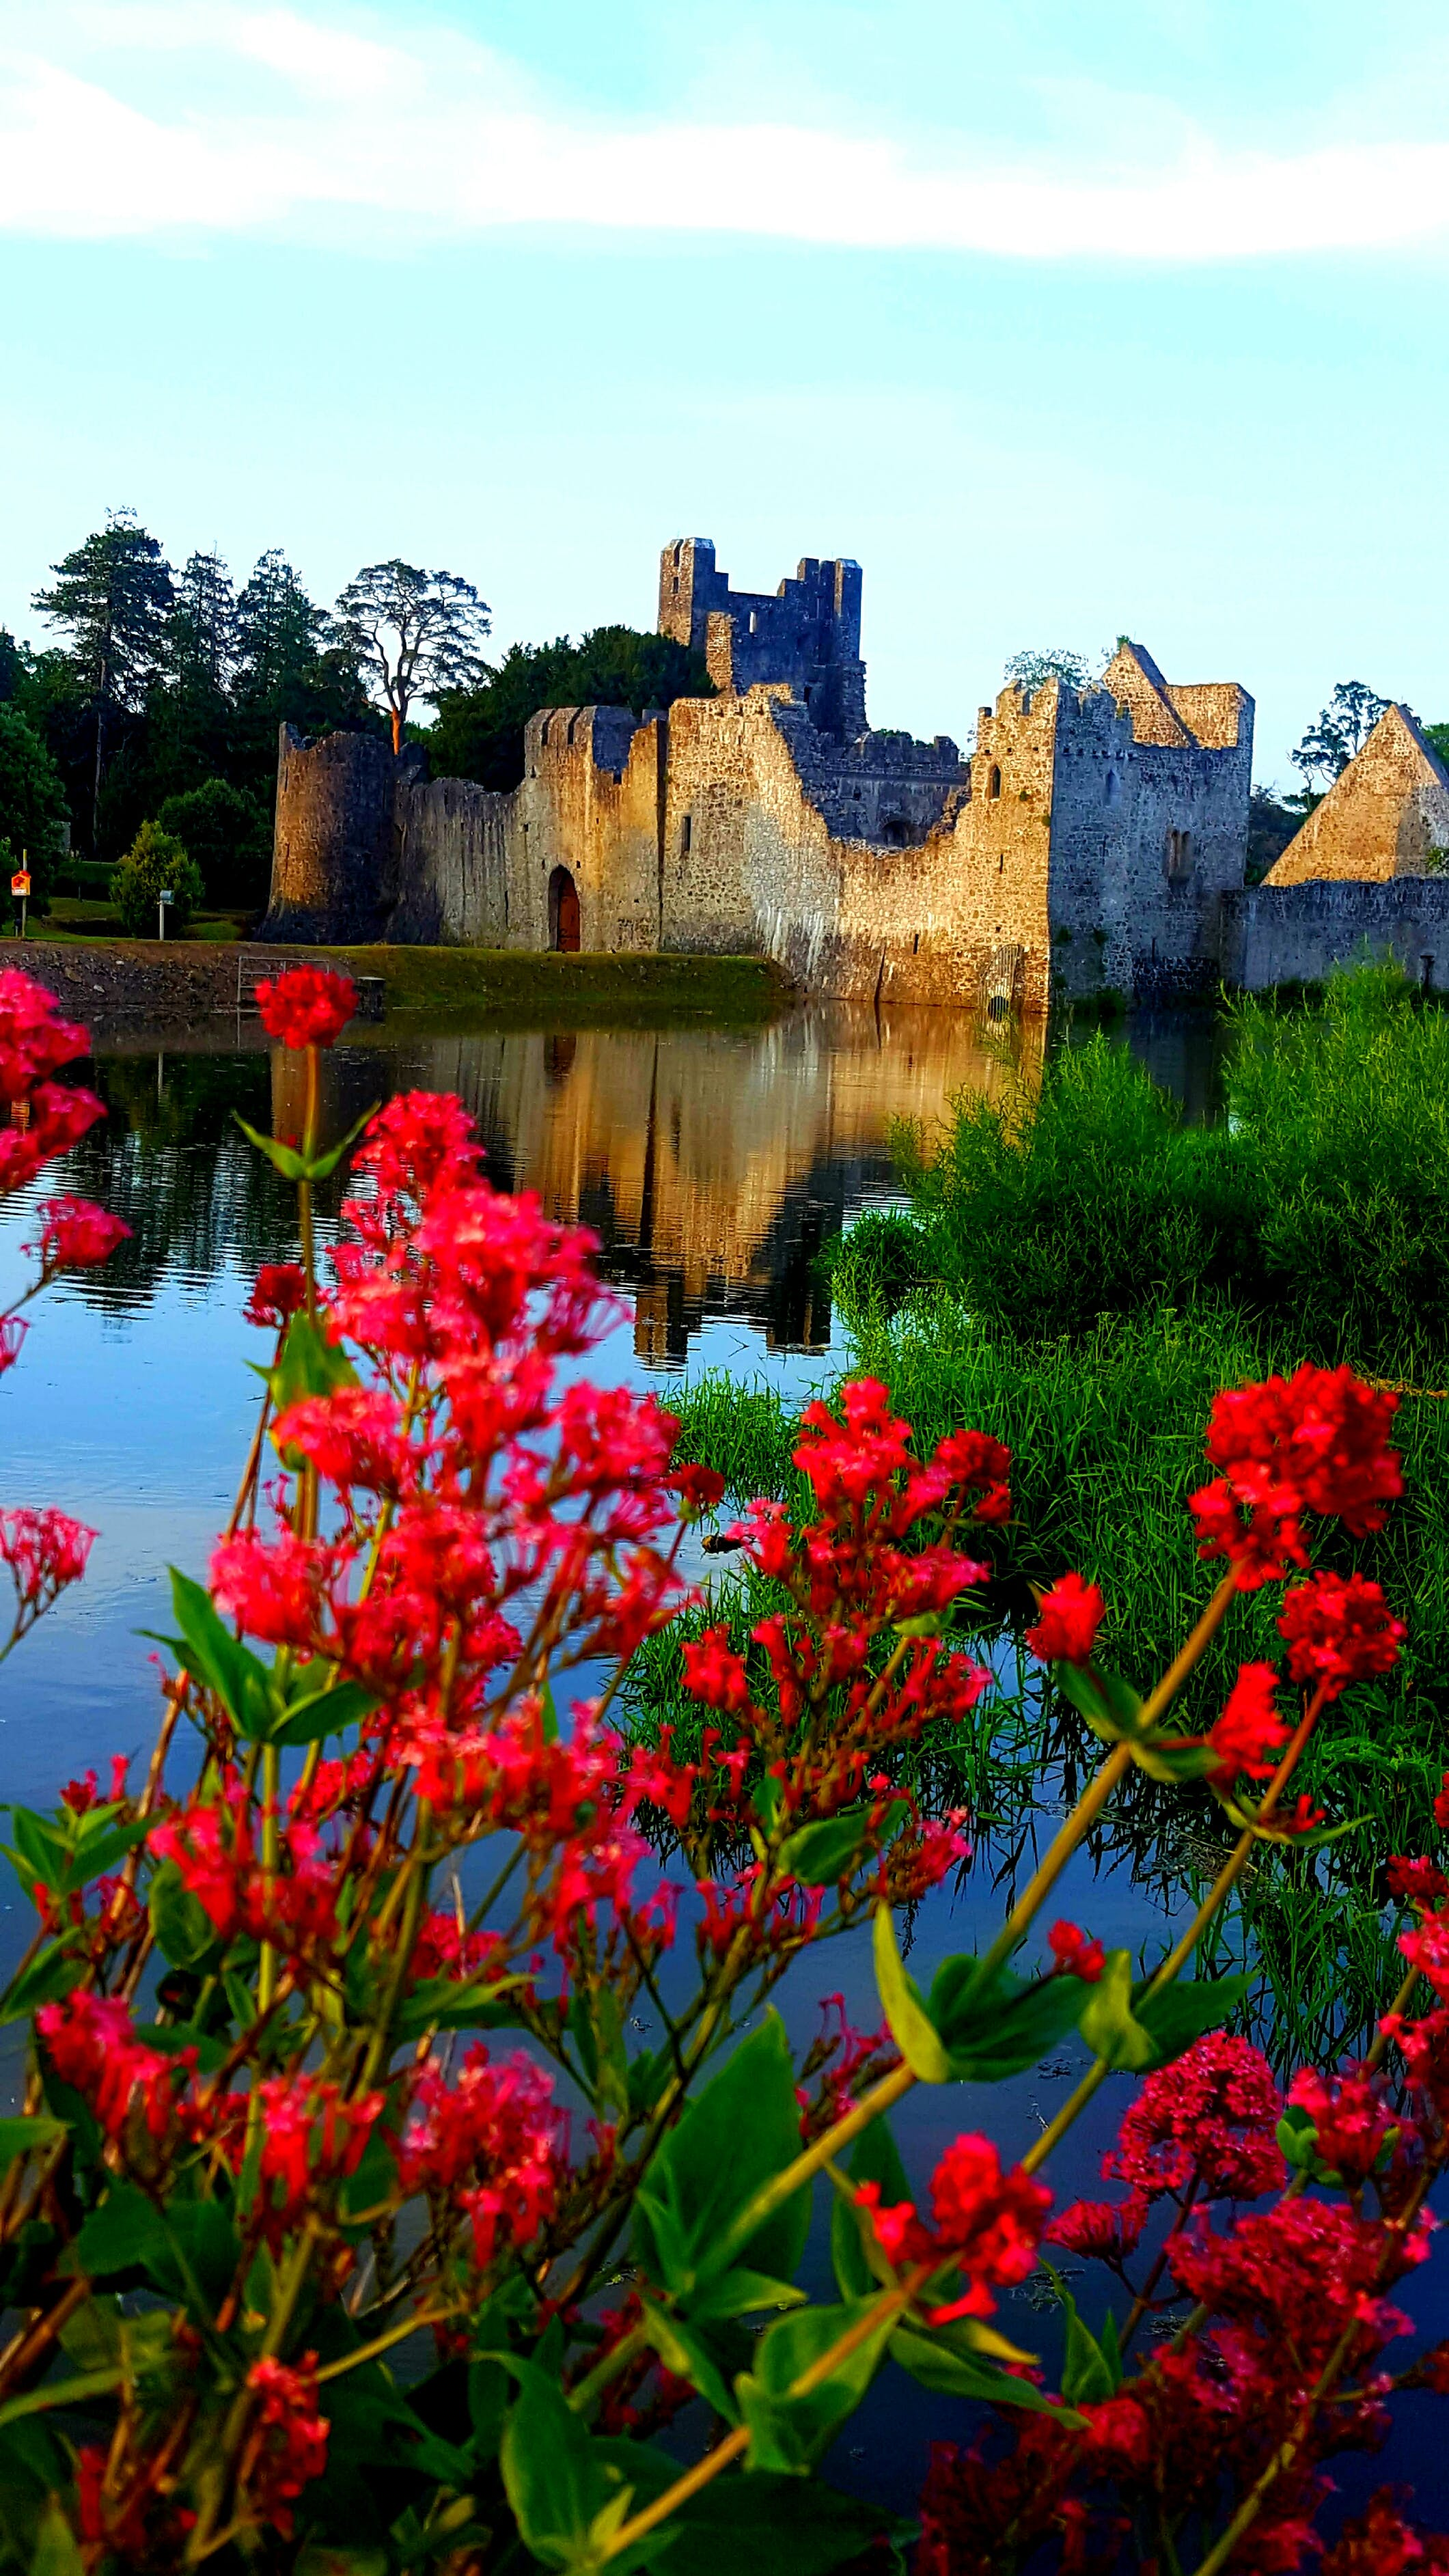 Δωρεάν στοκ φωτογραφιών με ιρλανδία κάστρο